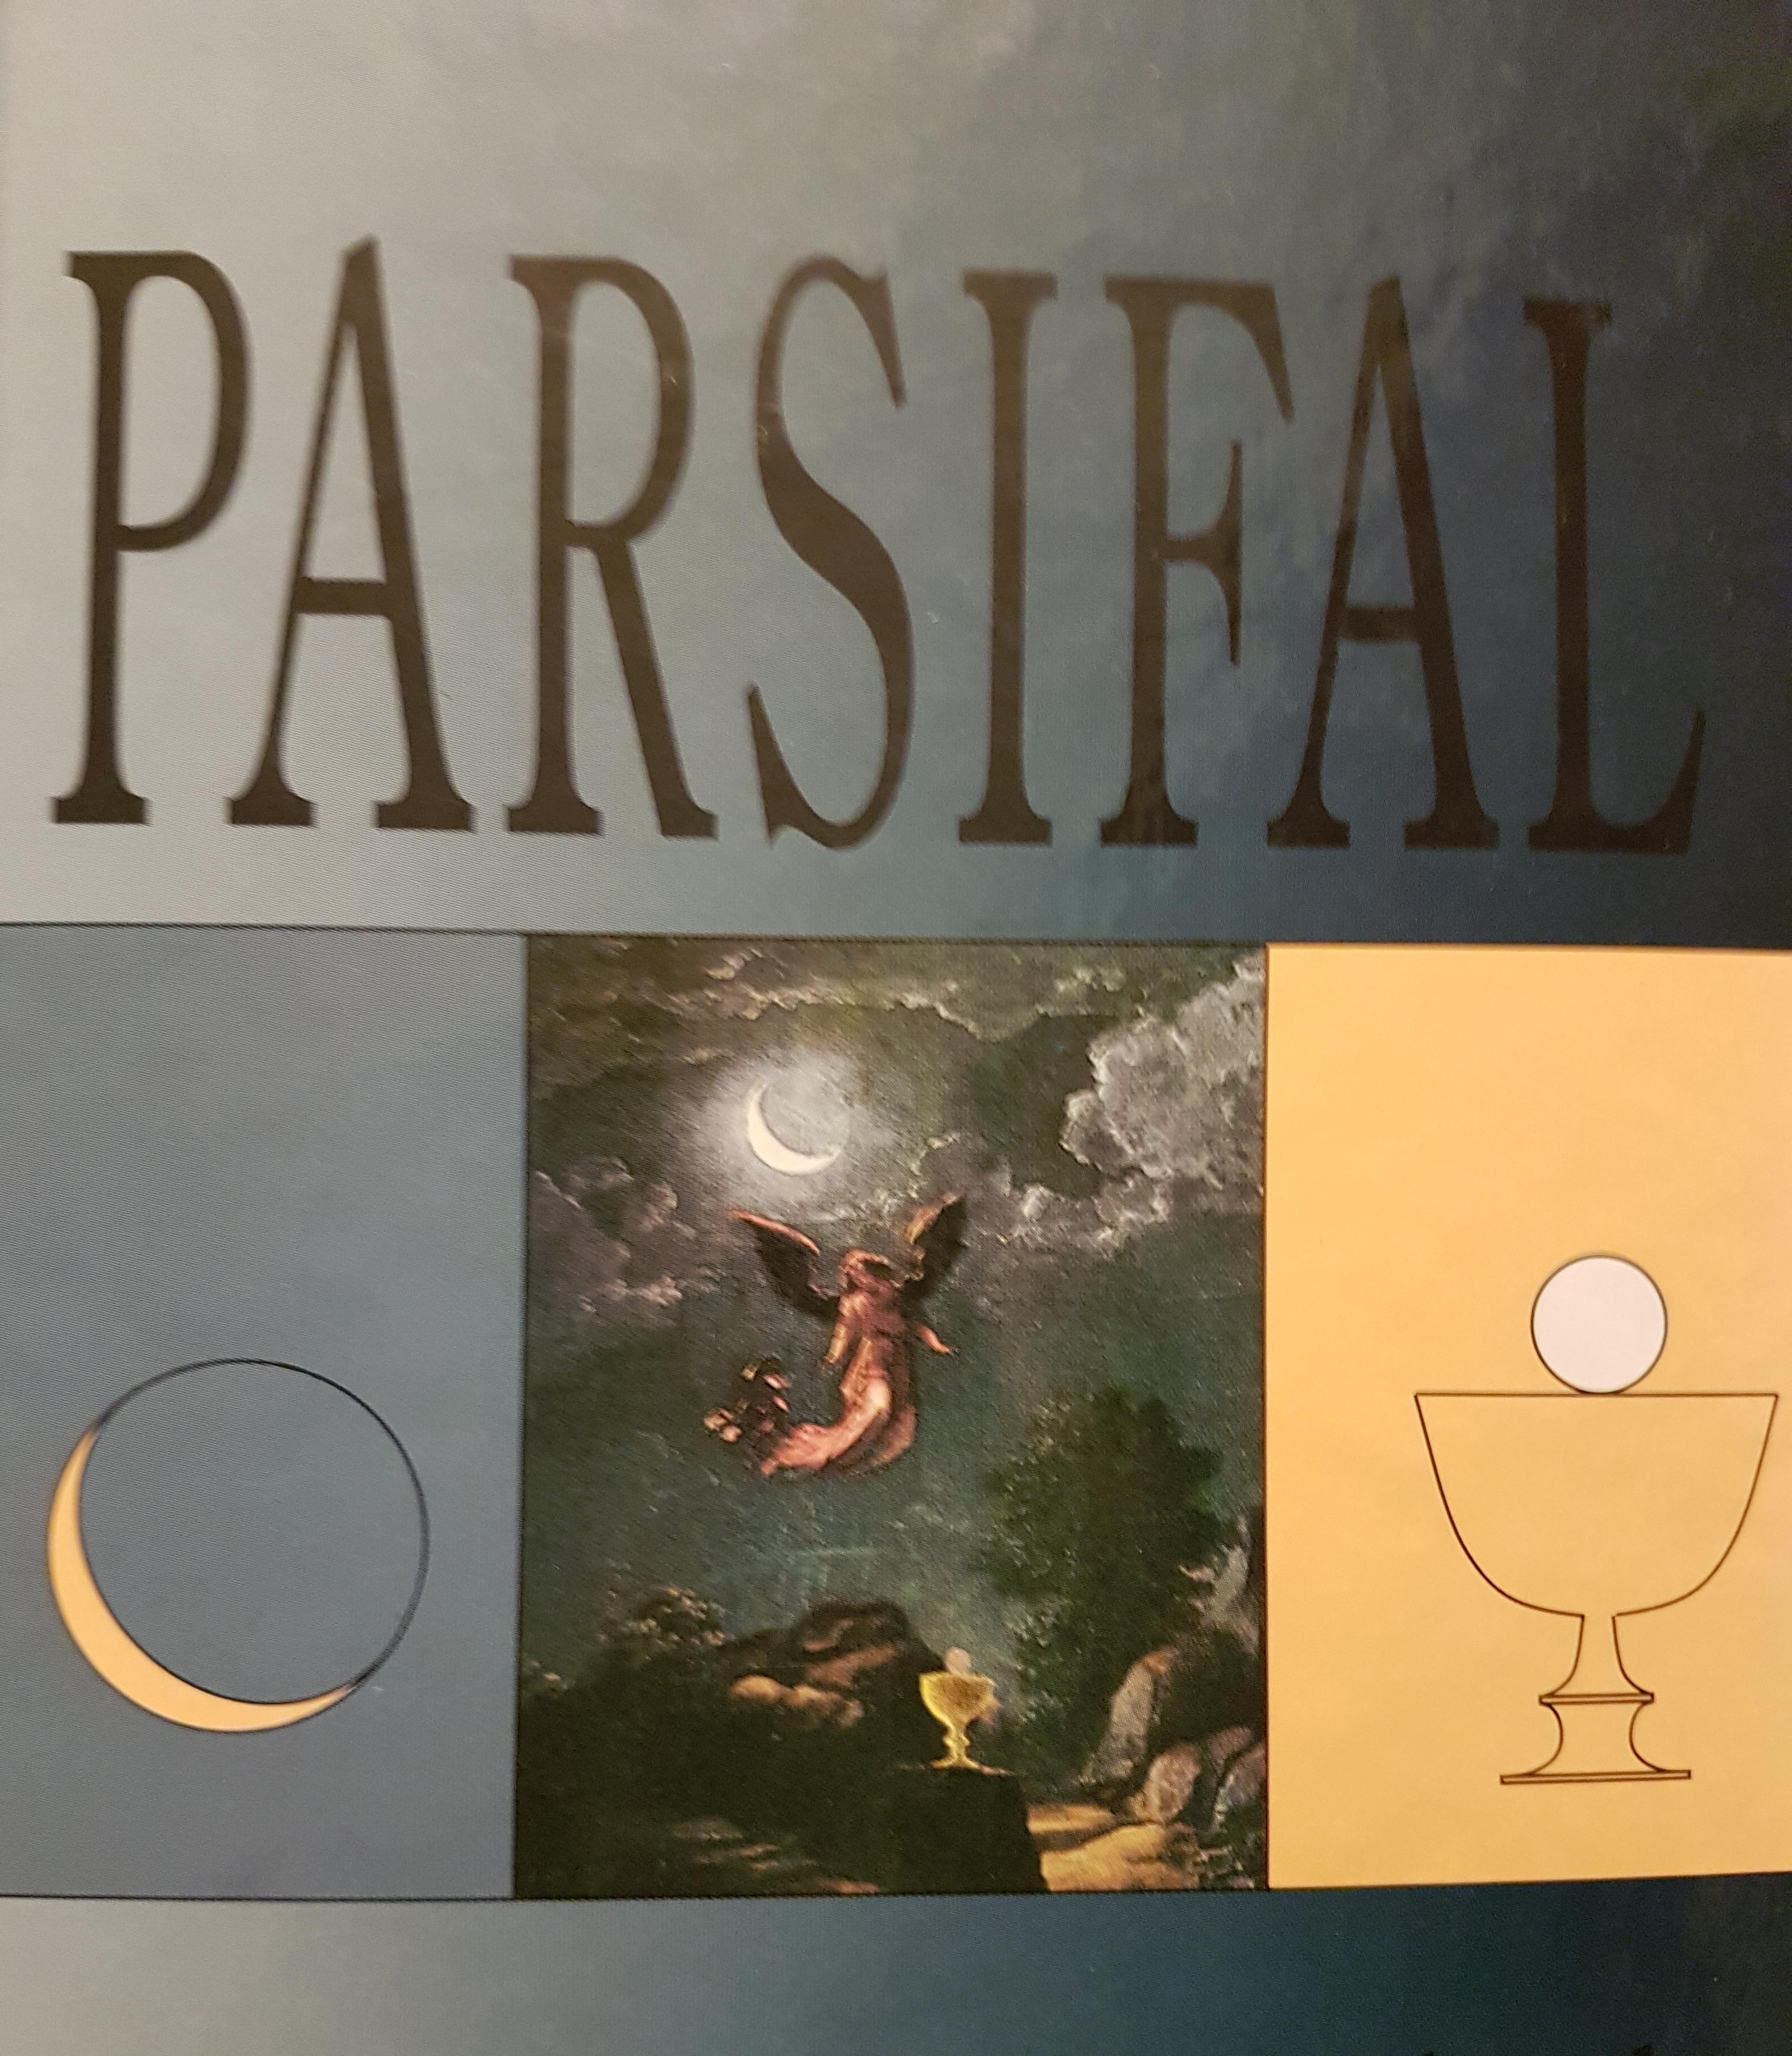 Parsifal - Graalin etsijän tarina